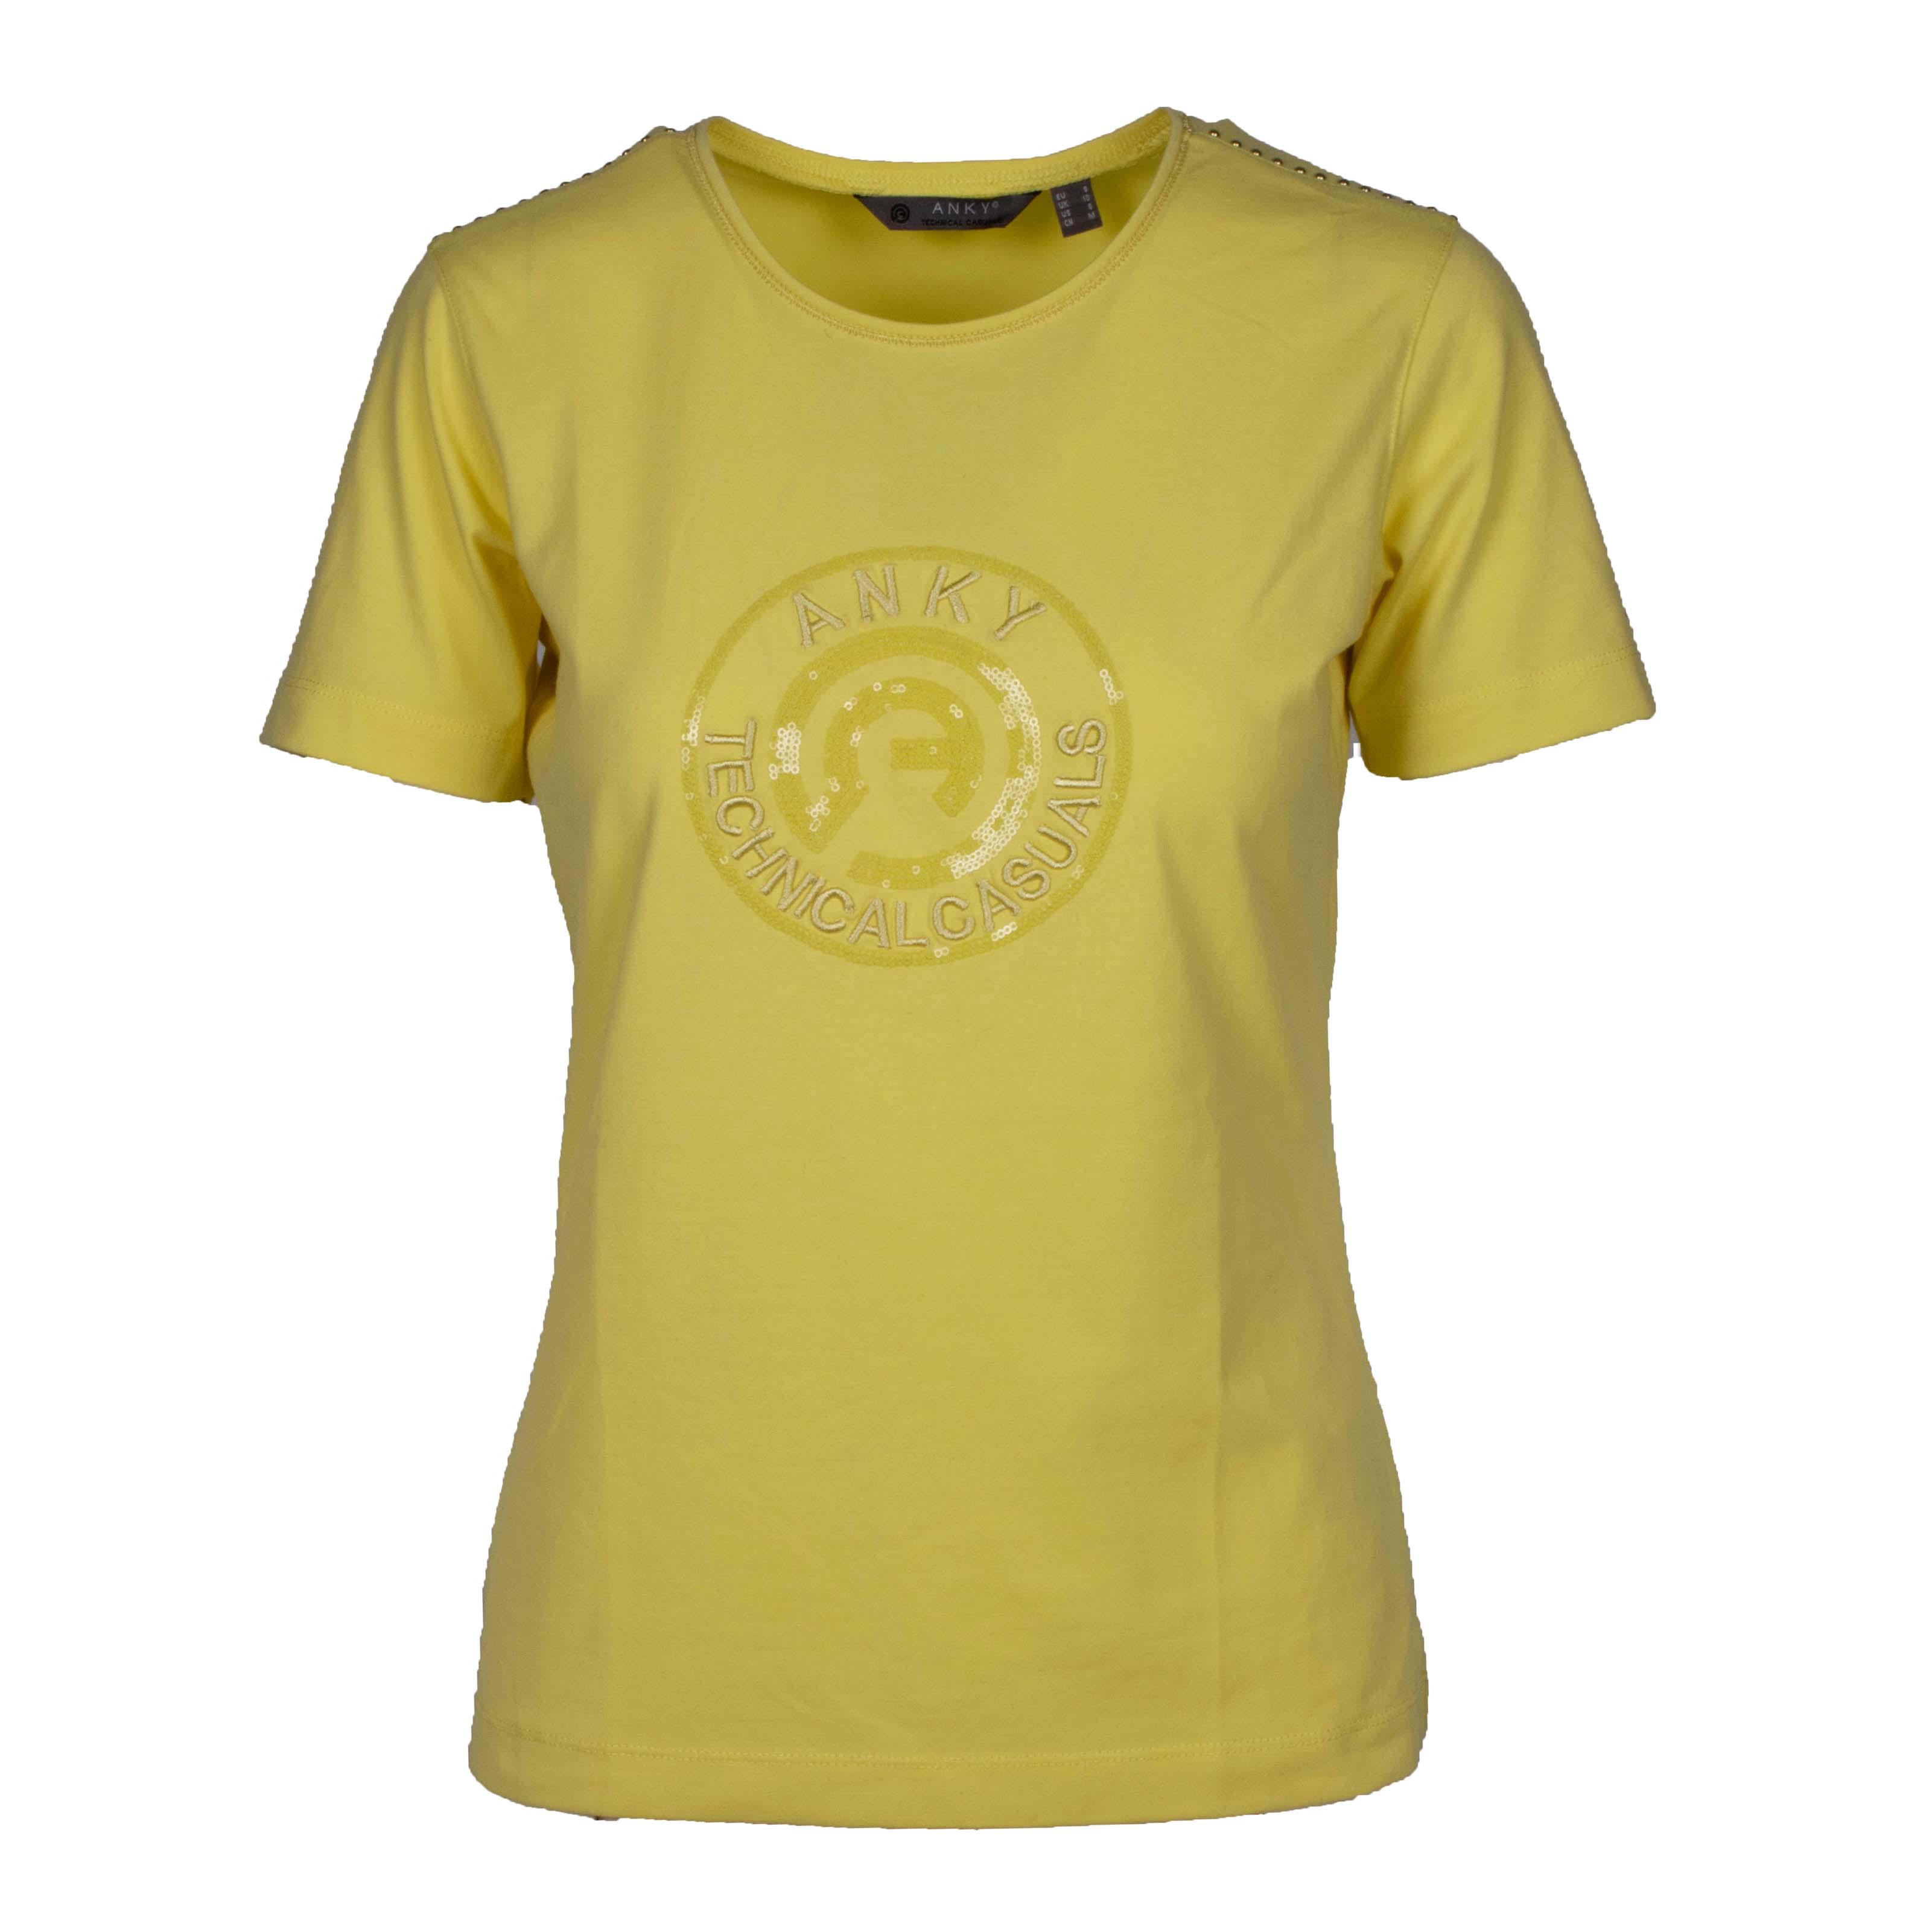 ANKY T-Shirt Logo ATC211302 geel maat:xs